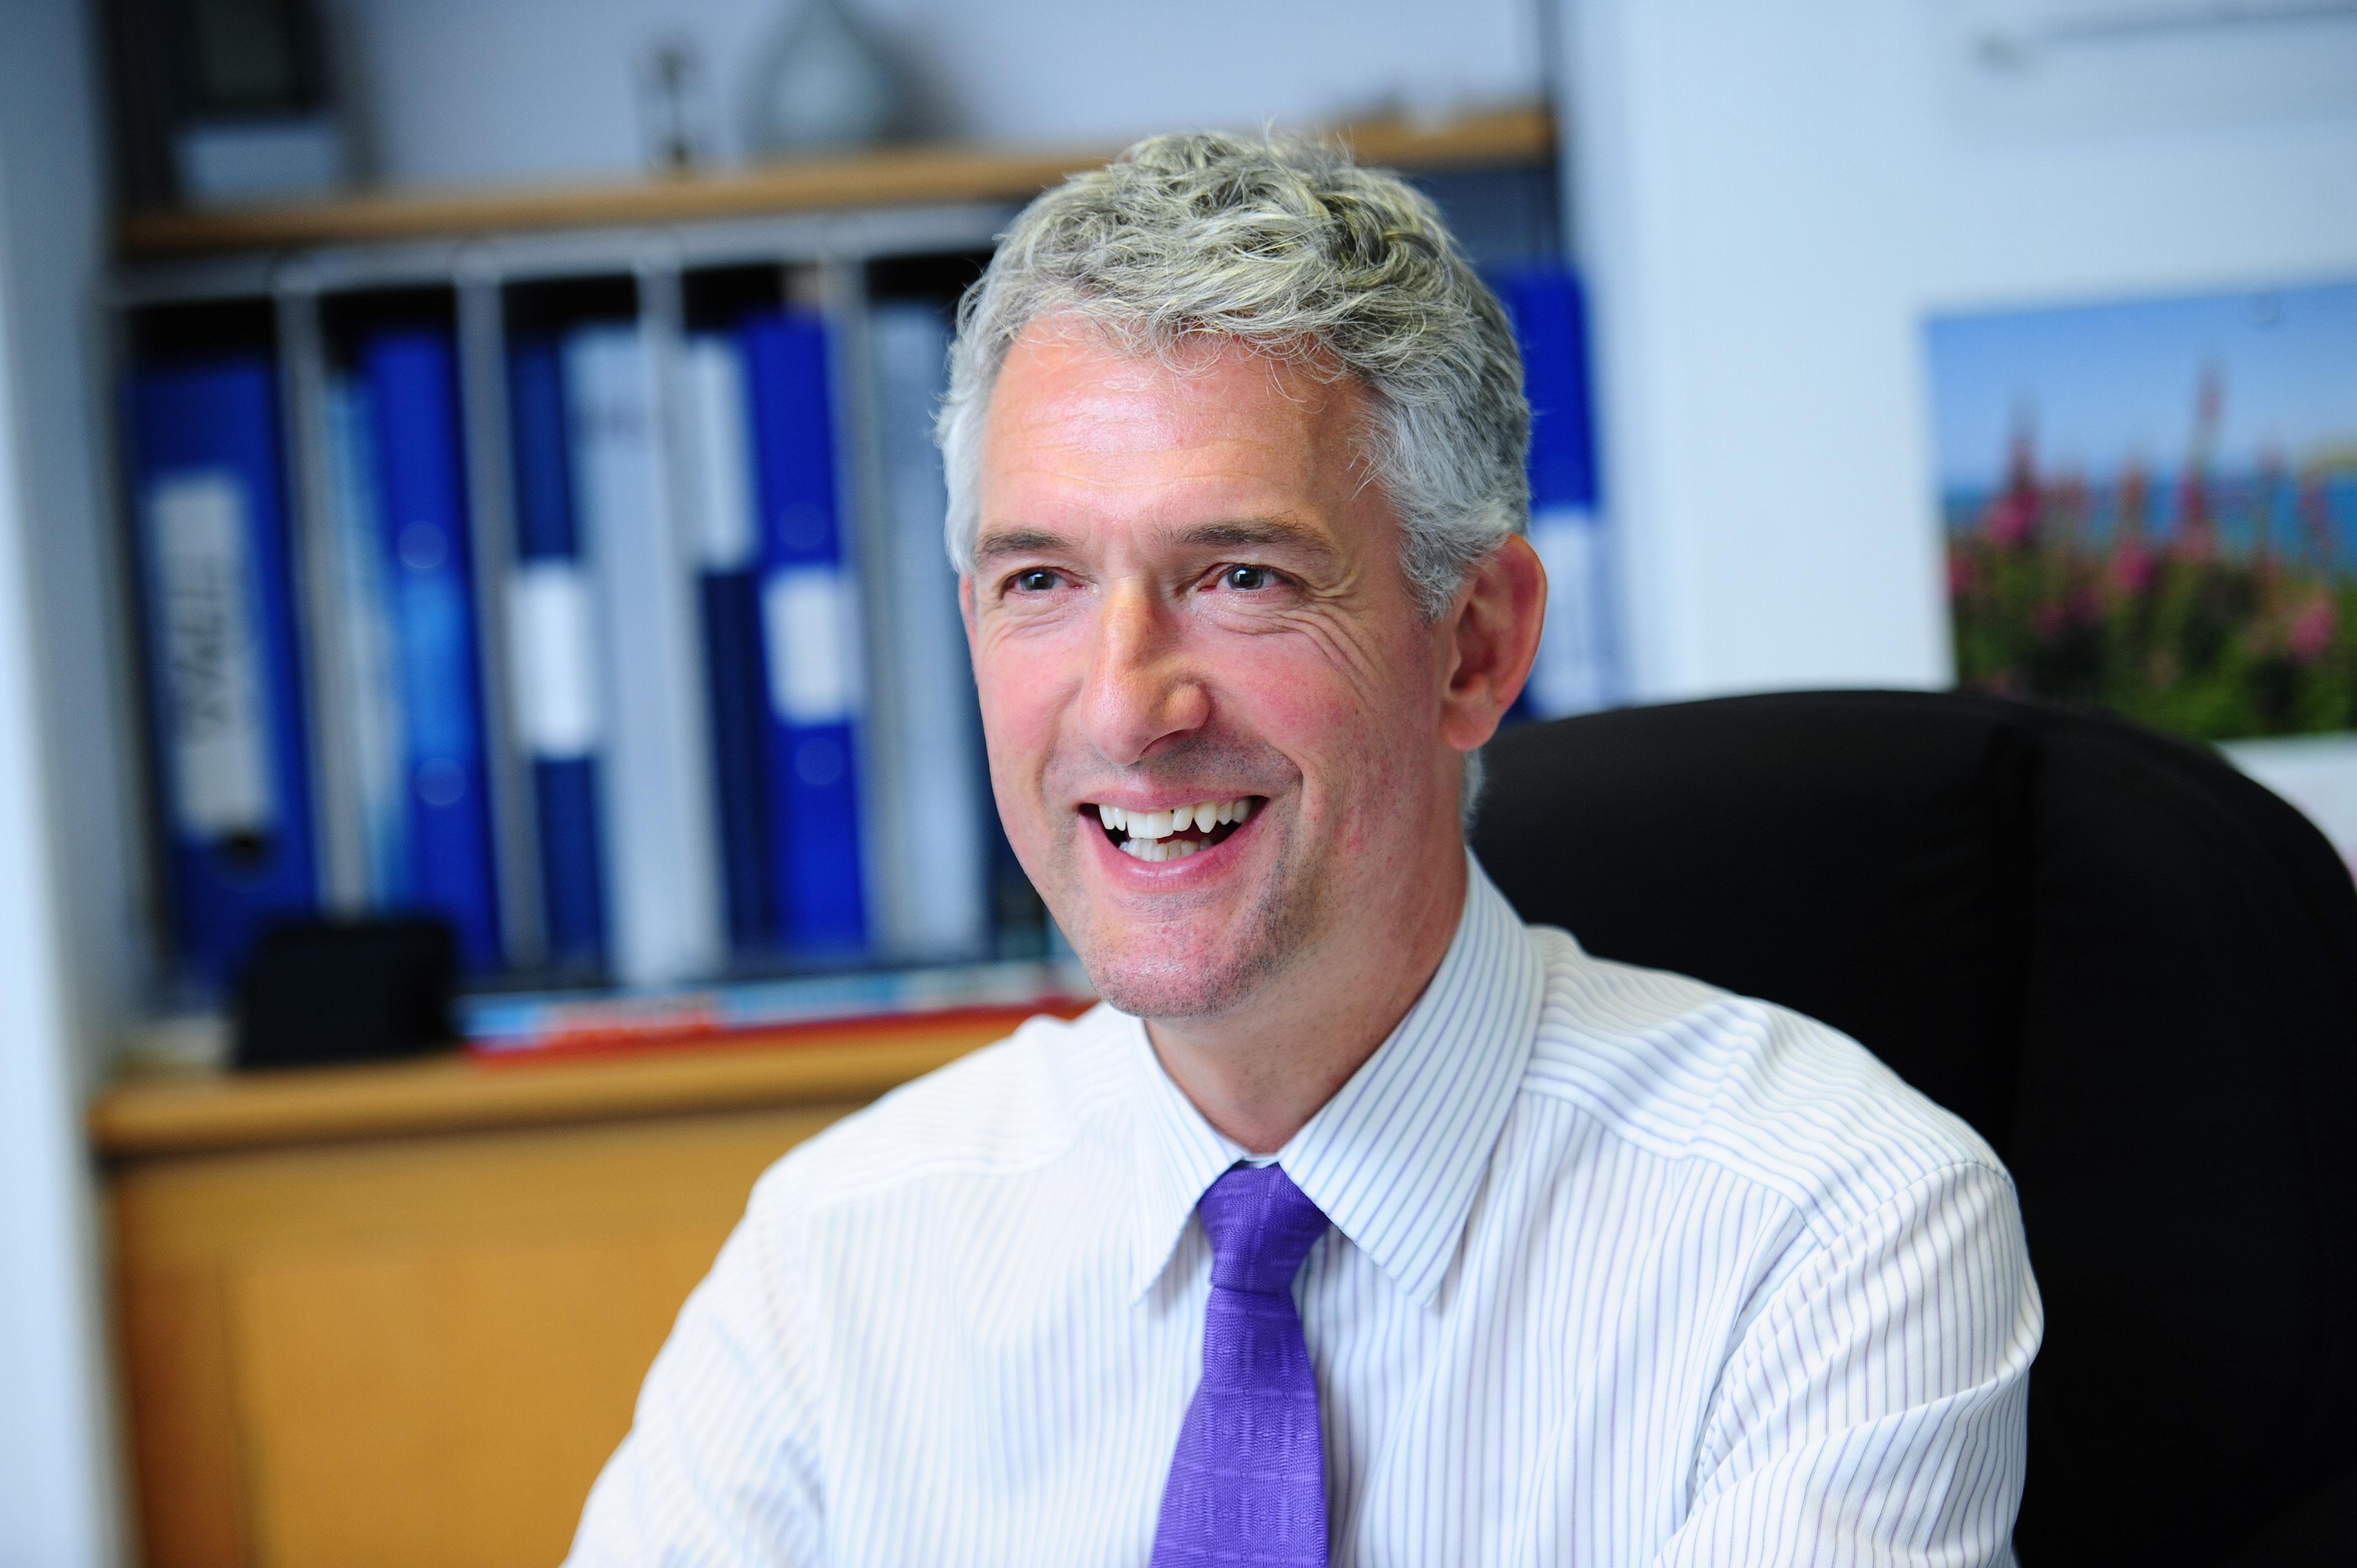 Andrew Hopkinson